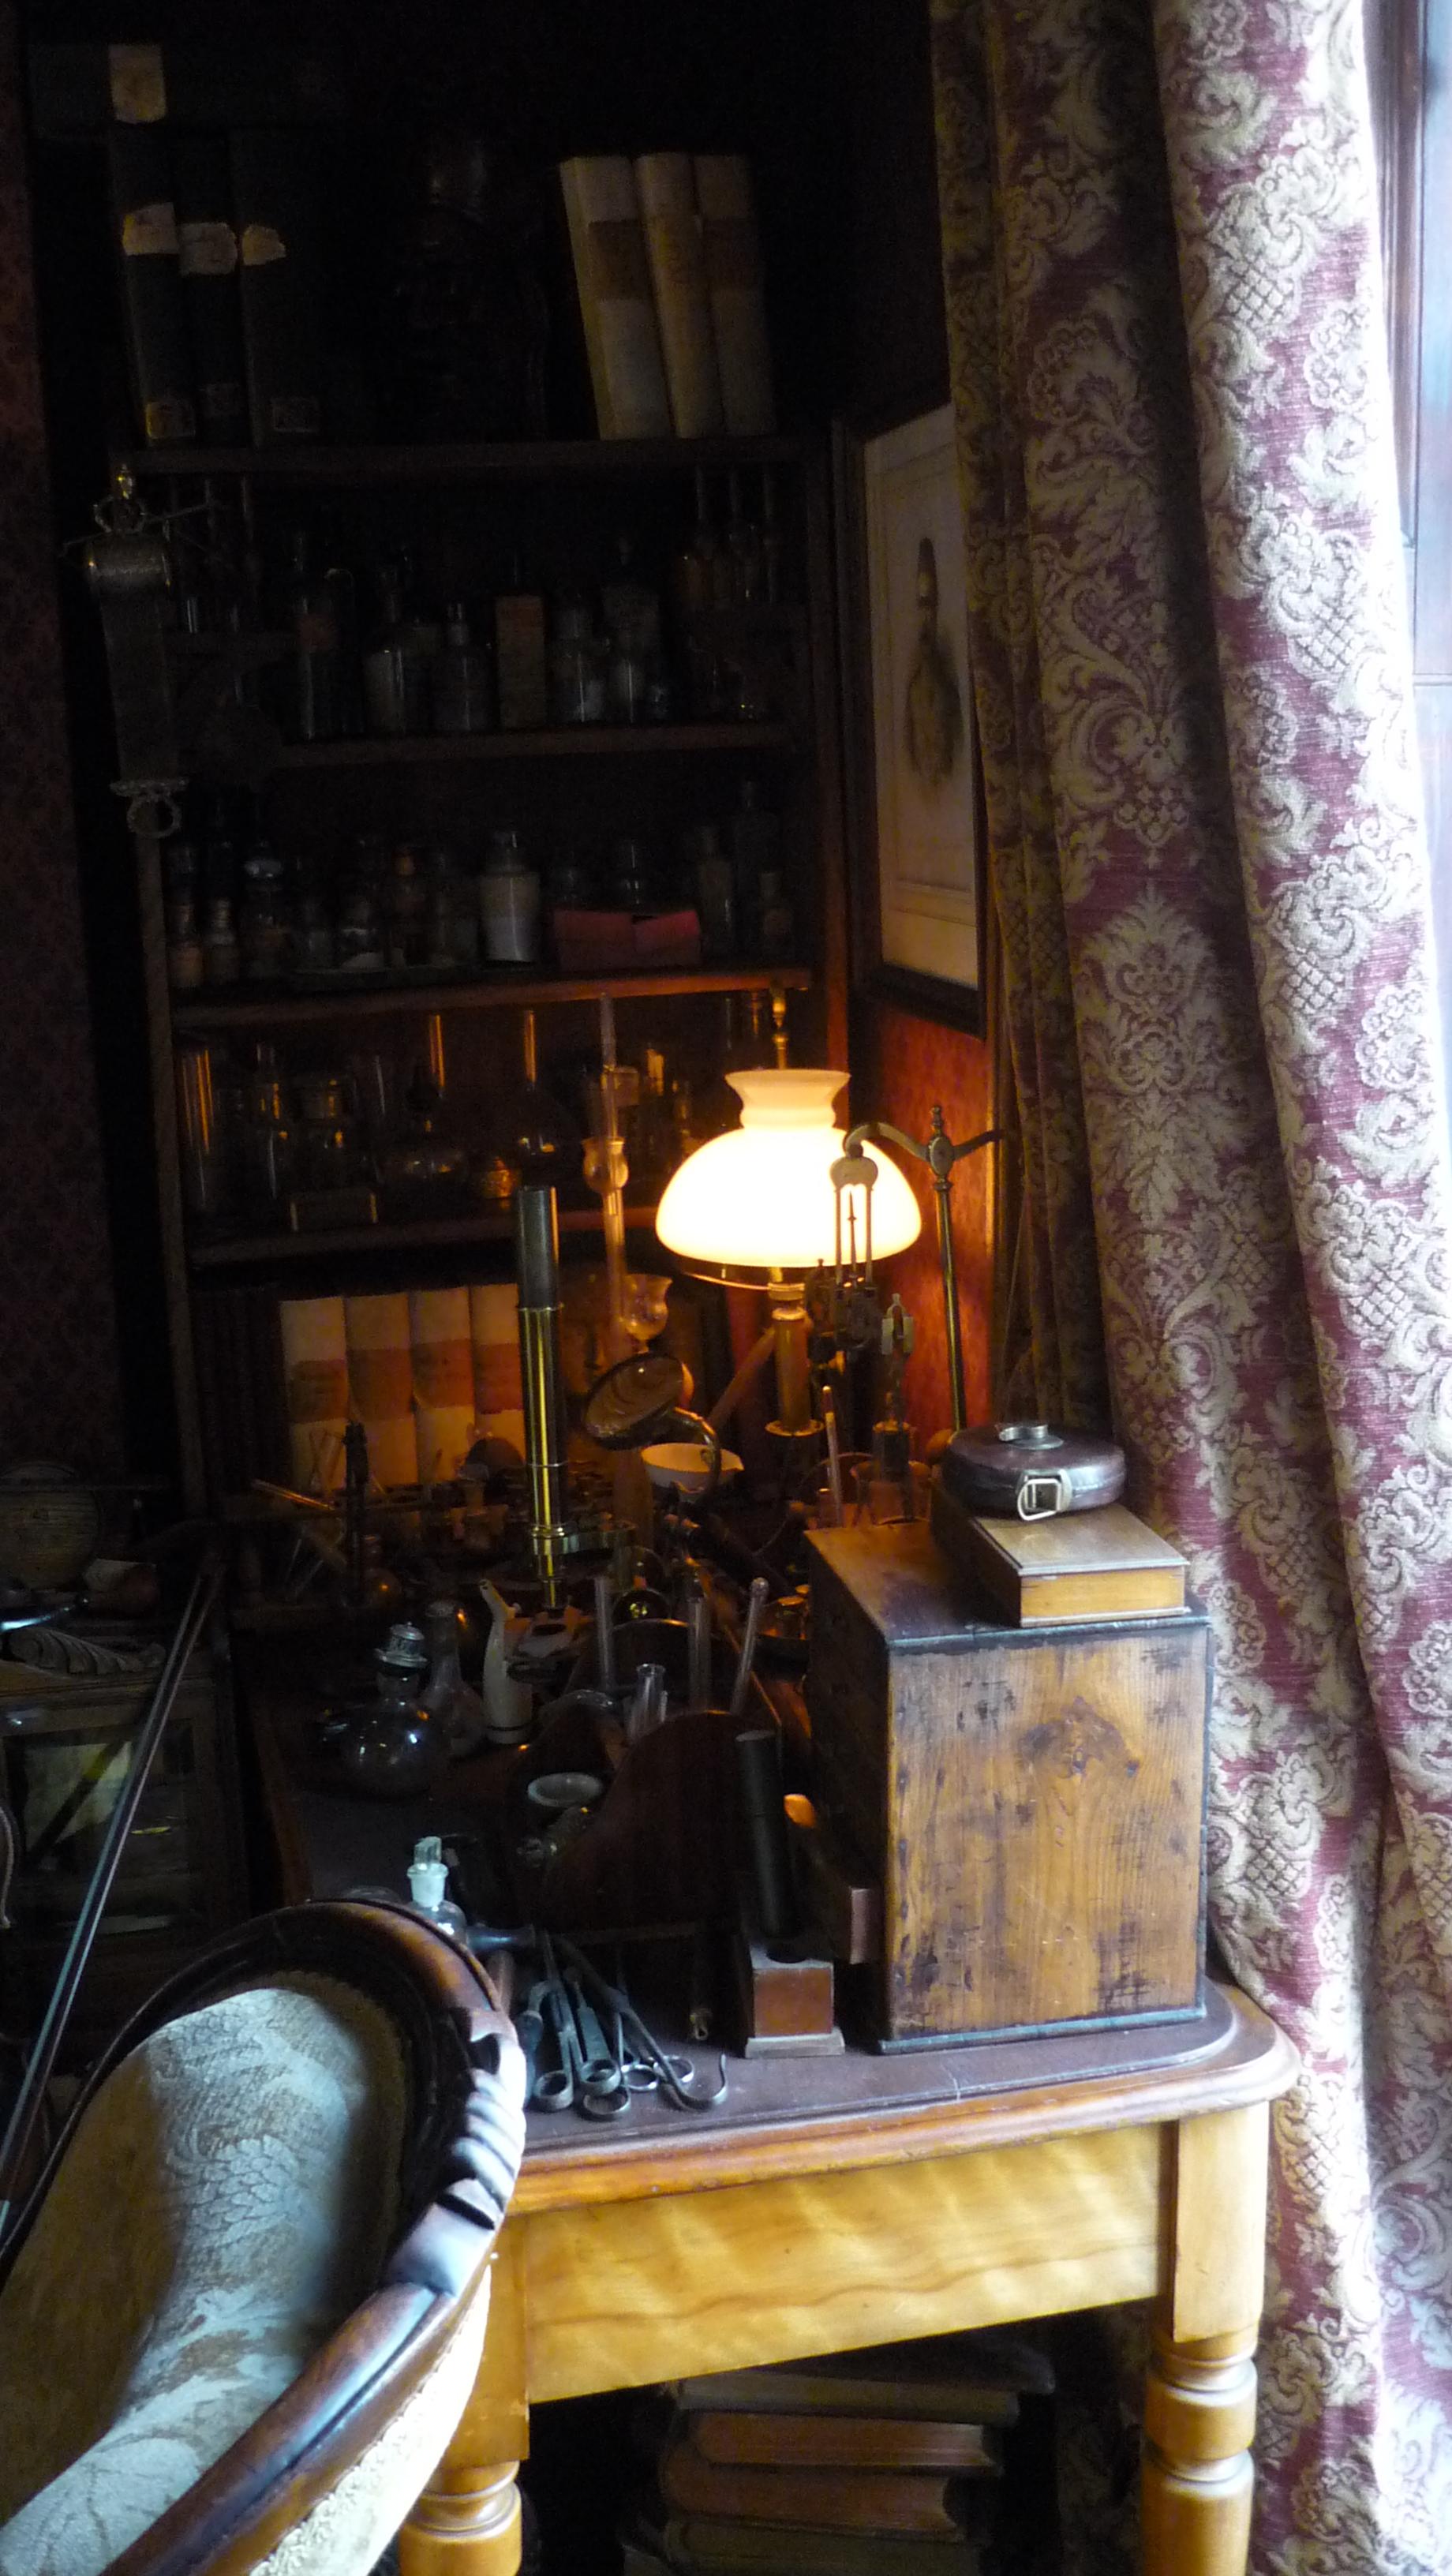 Laboratoire du Dr. Watson